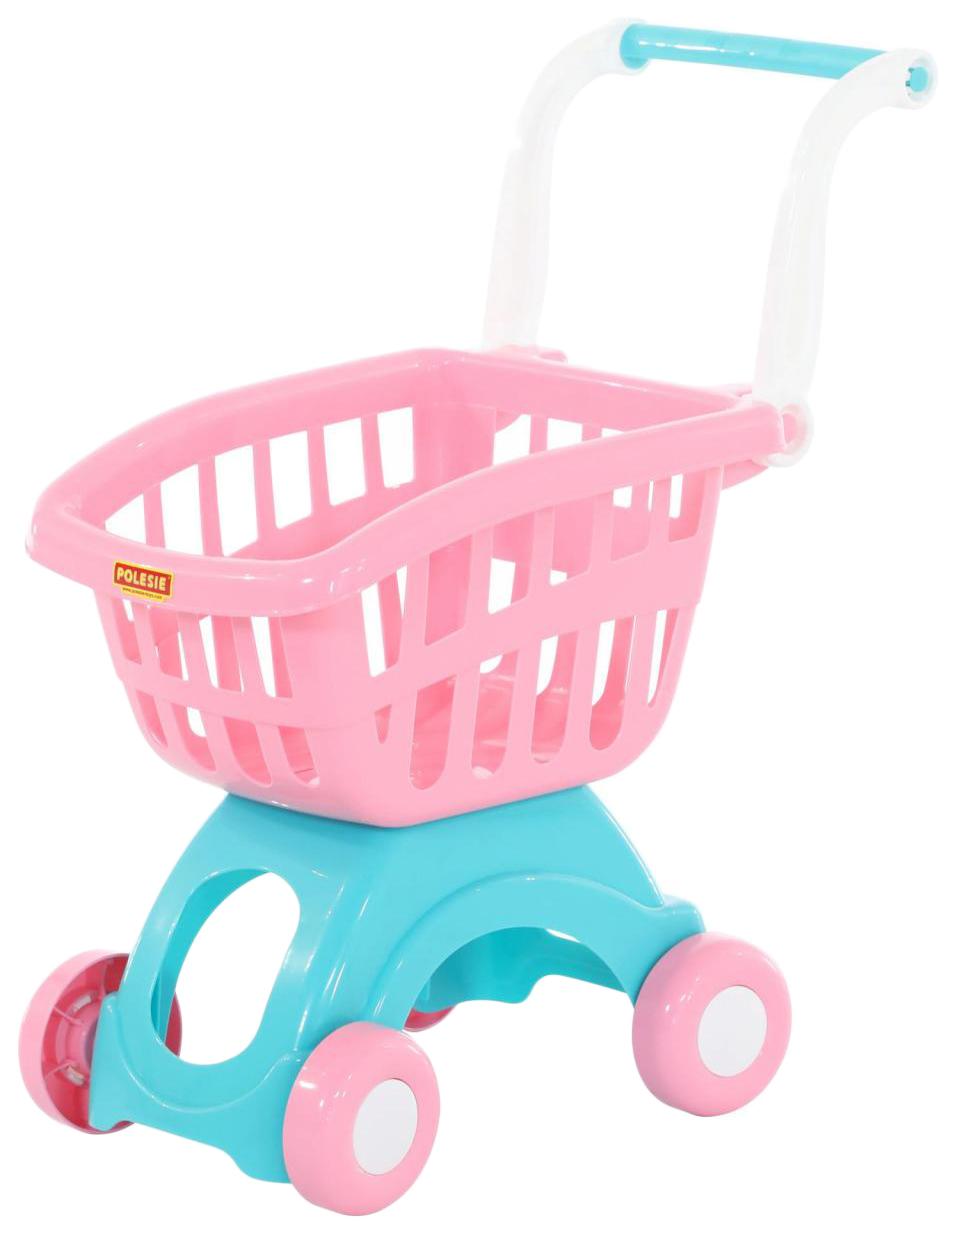 Купить ПОЛЕСЬЕ Тележка для маркета Мини, 71279, Полесье, Детские тележки для супермаркета